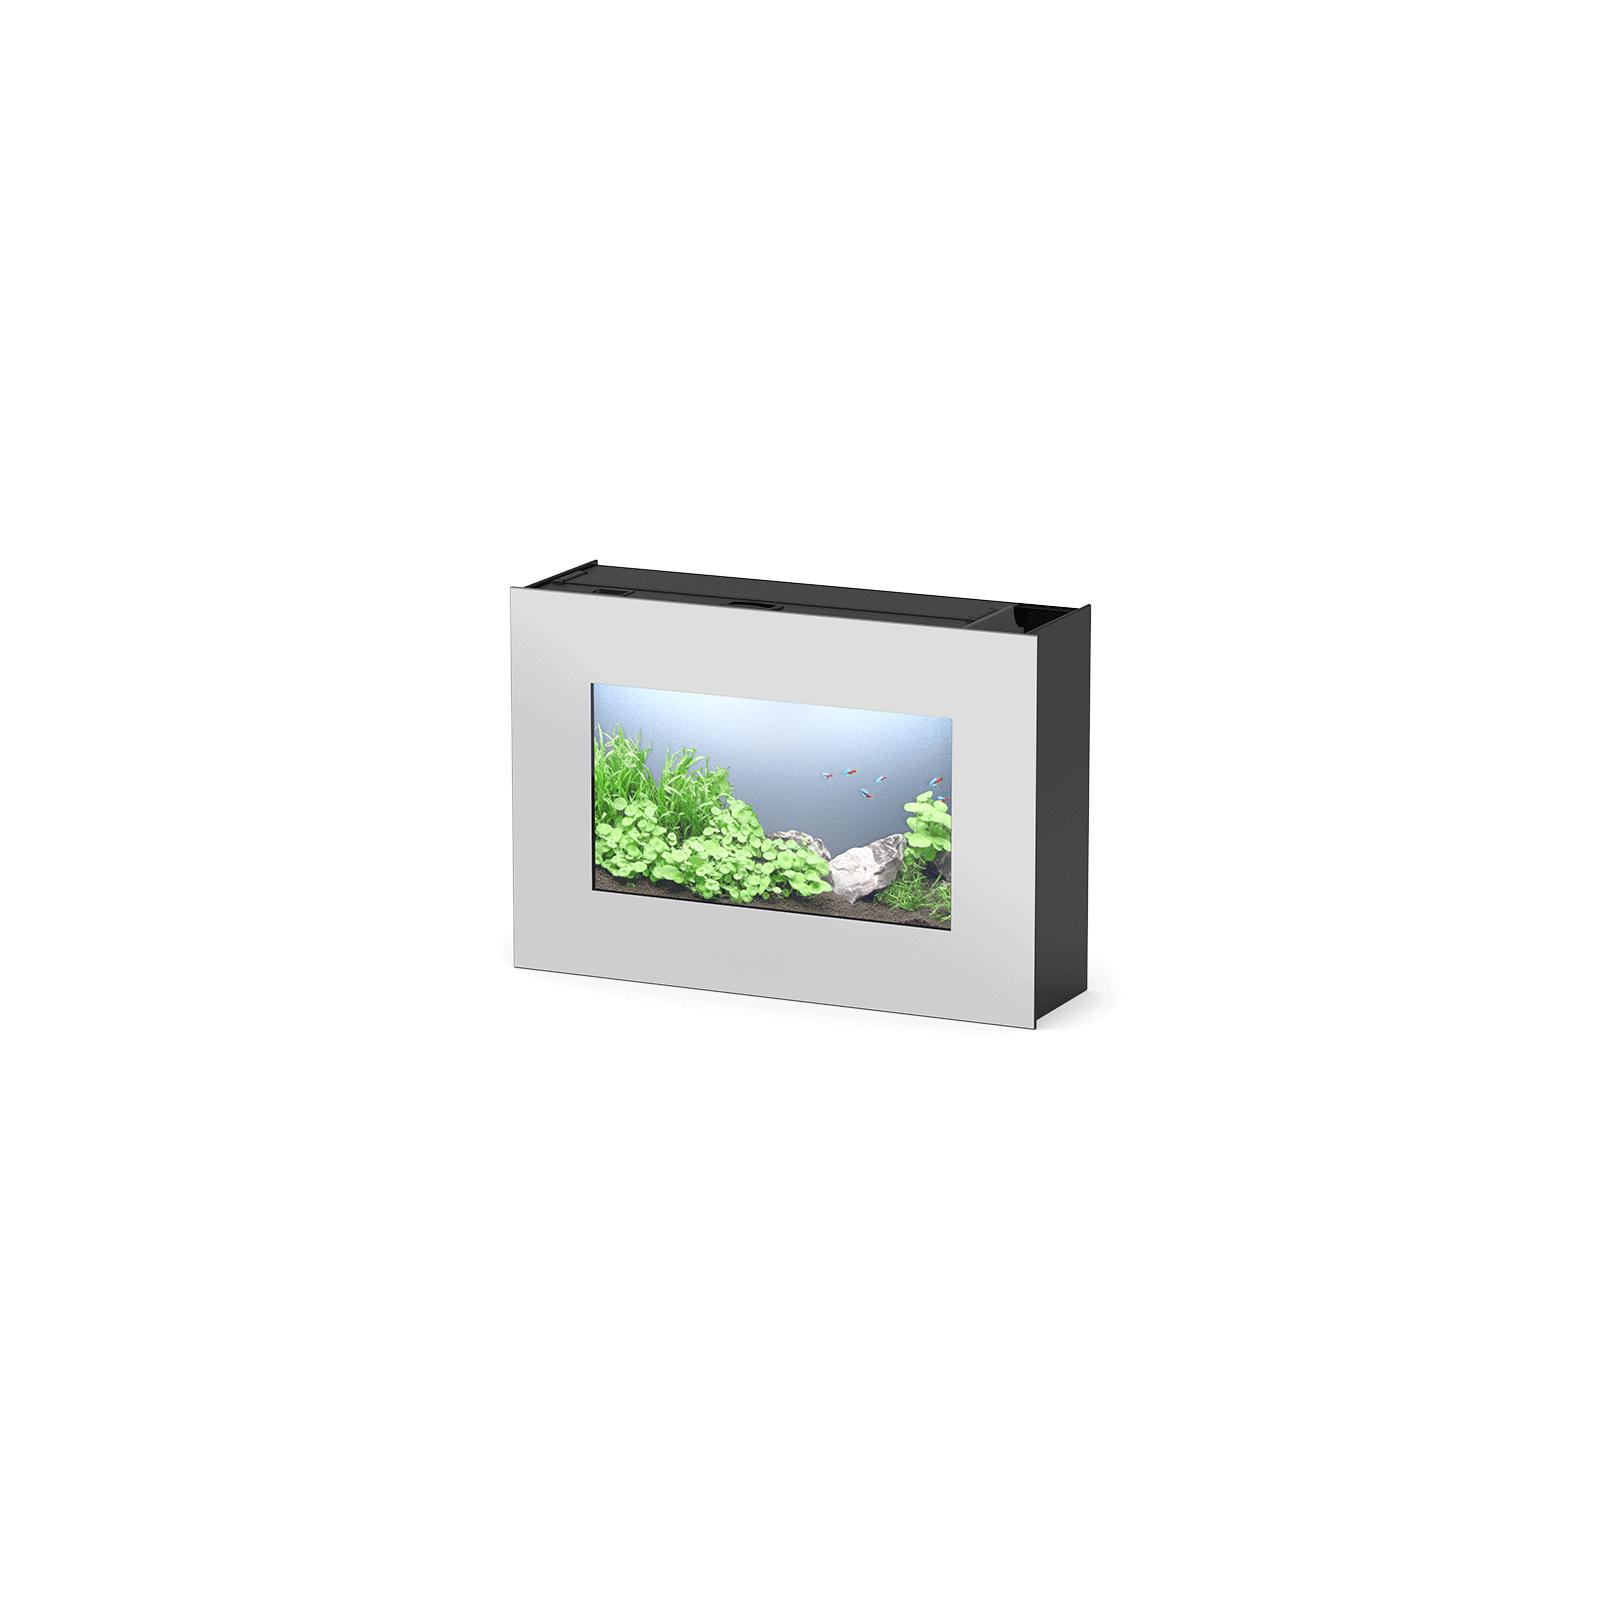 Aquatlantis Aquaplasma 75, Barva Bílá